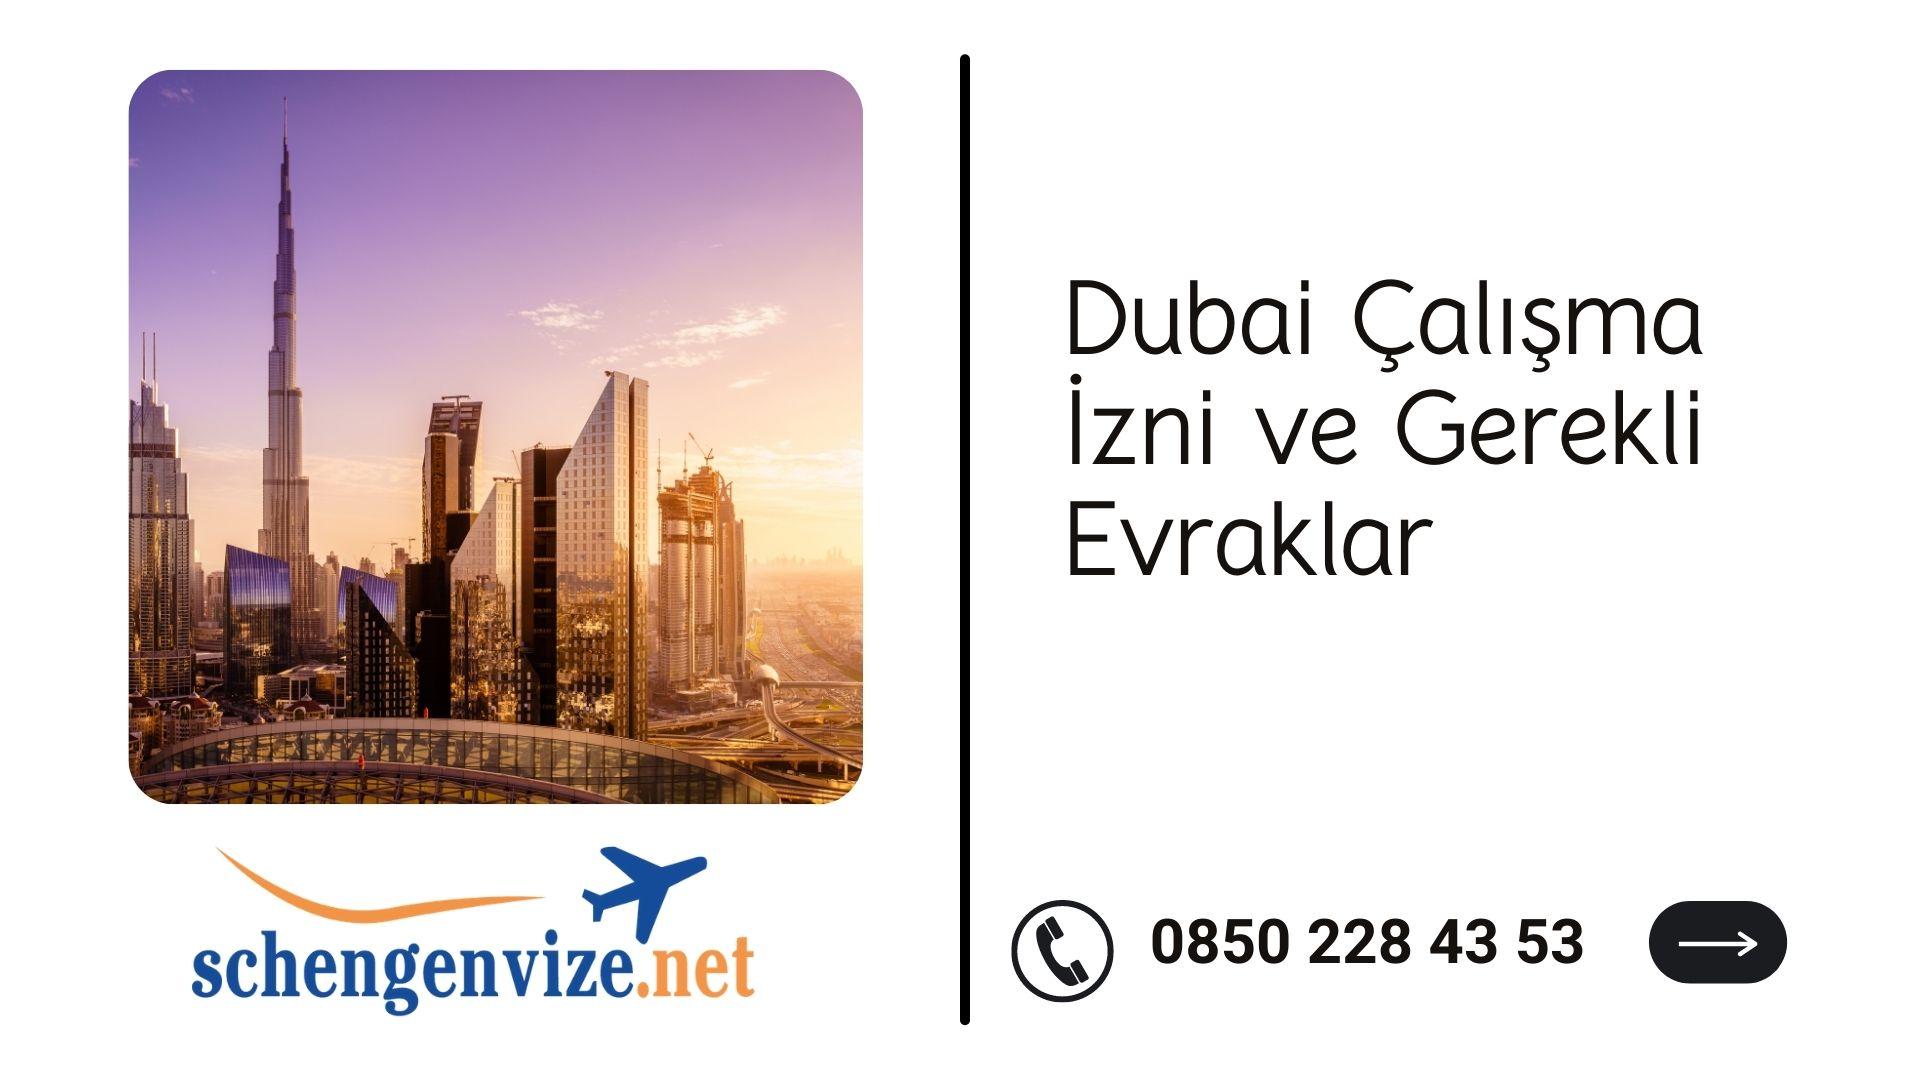 Dubai Çalışma İzni ve Gerekli Evraklar